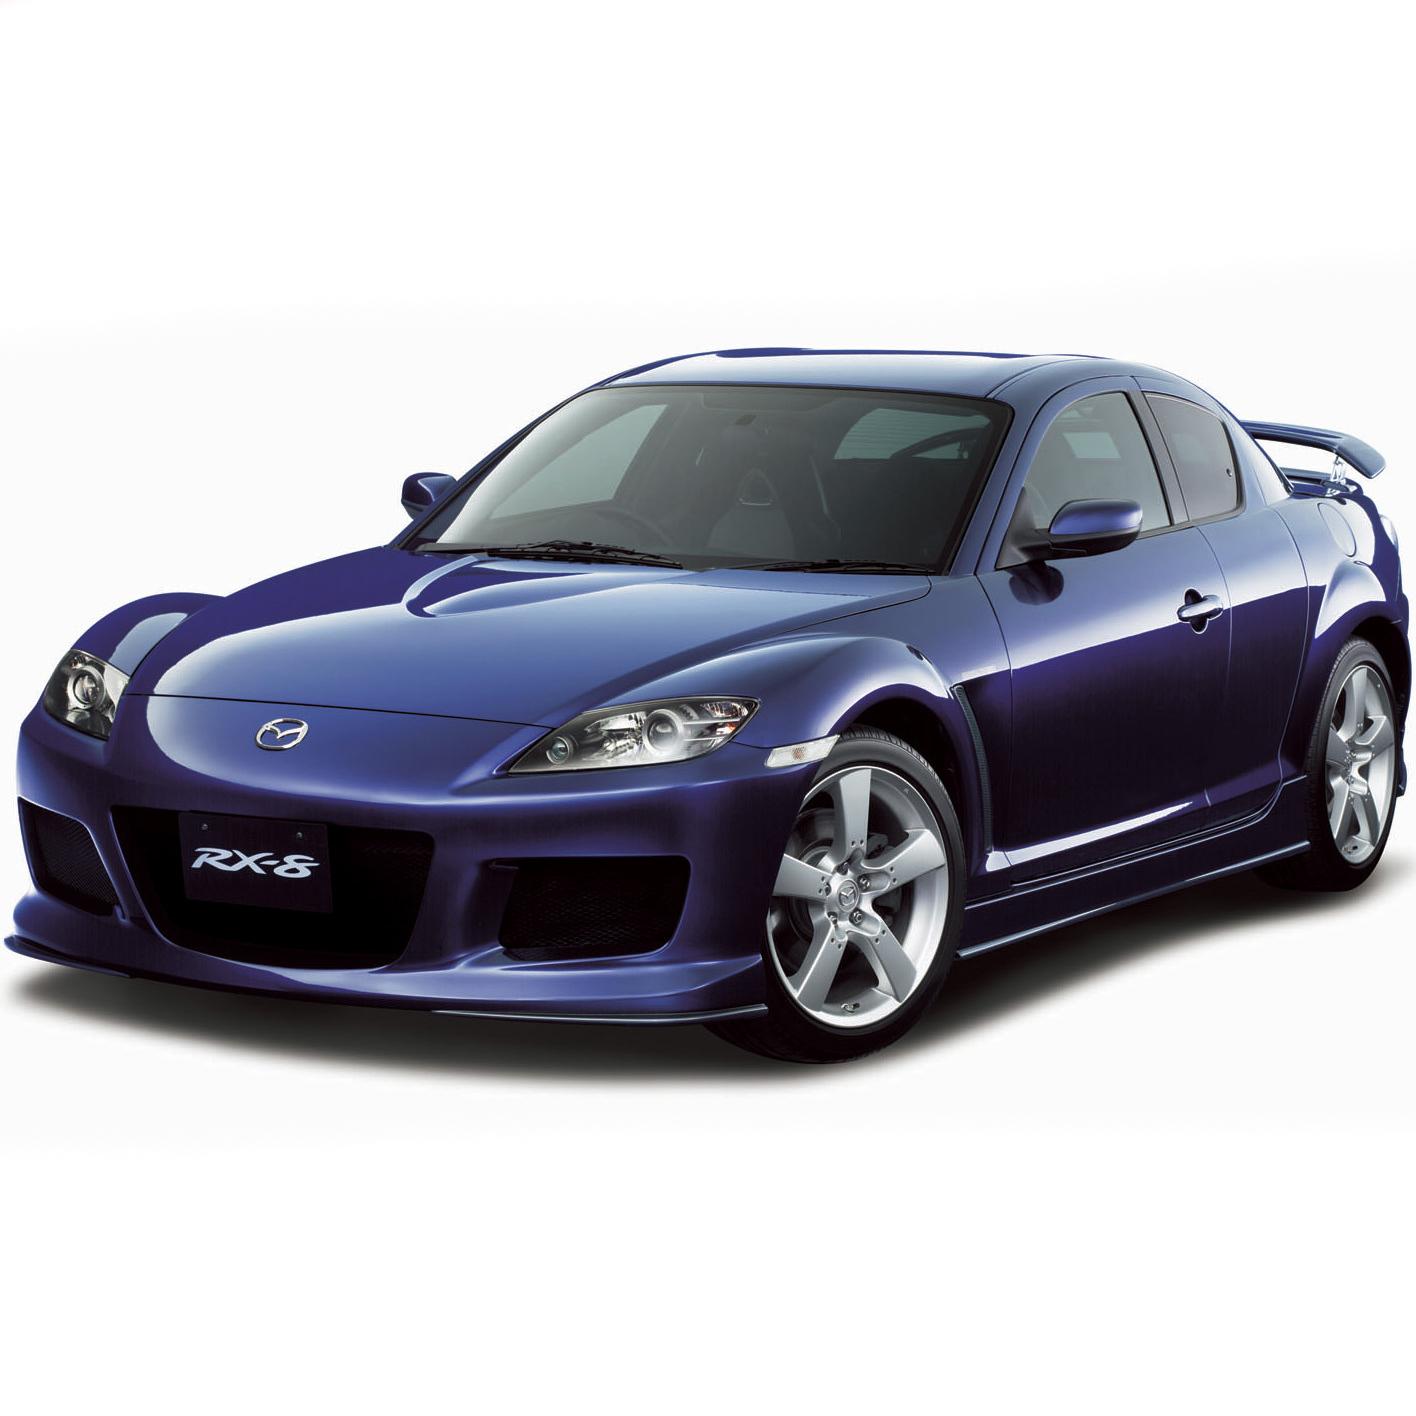 Mazda RX8 2003 - 2012